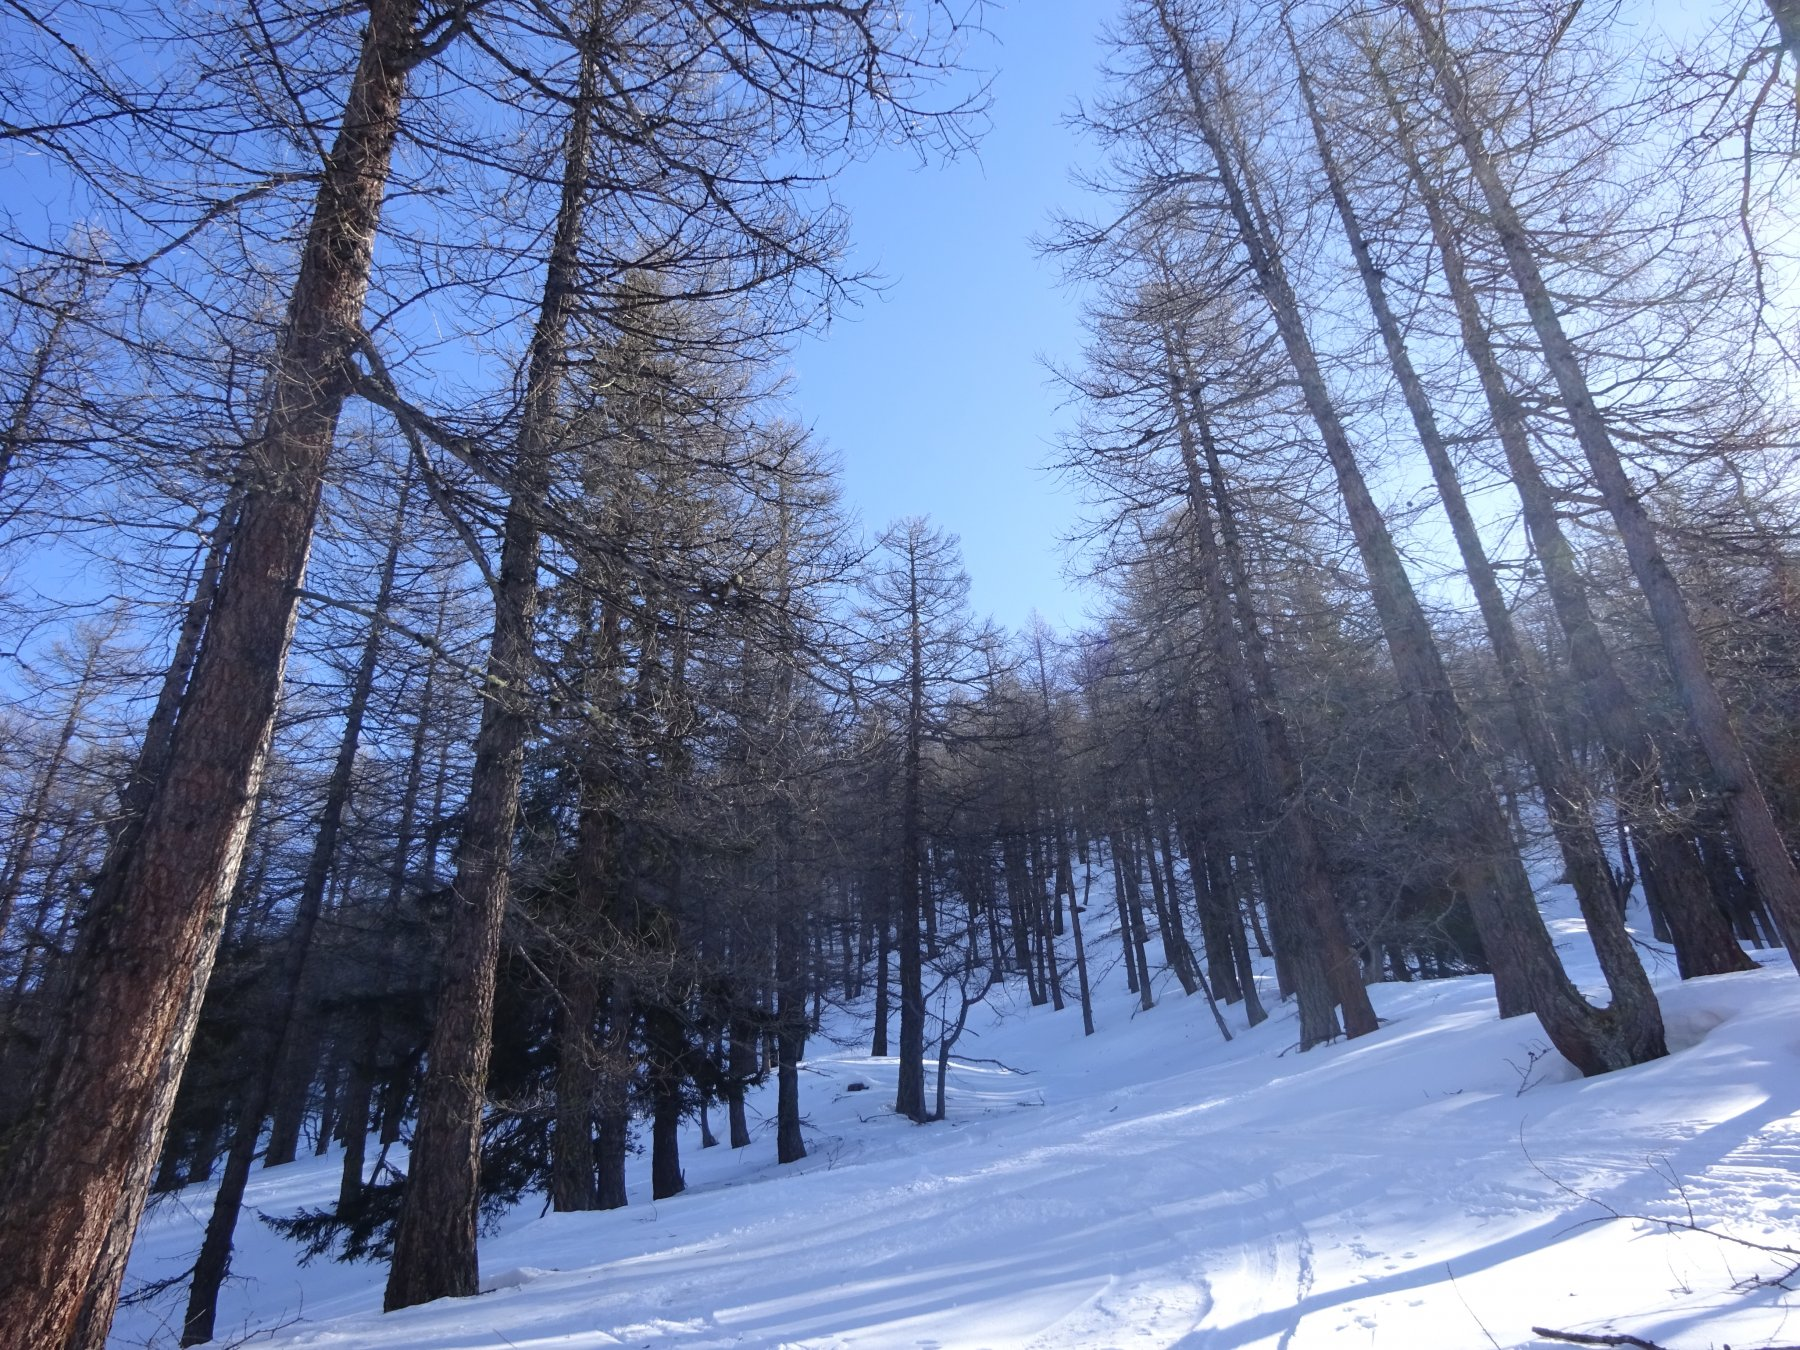 Dopo la Decauville il bosco comincia finalmente ad aprirsi